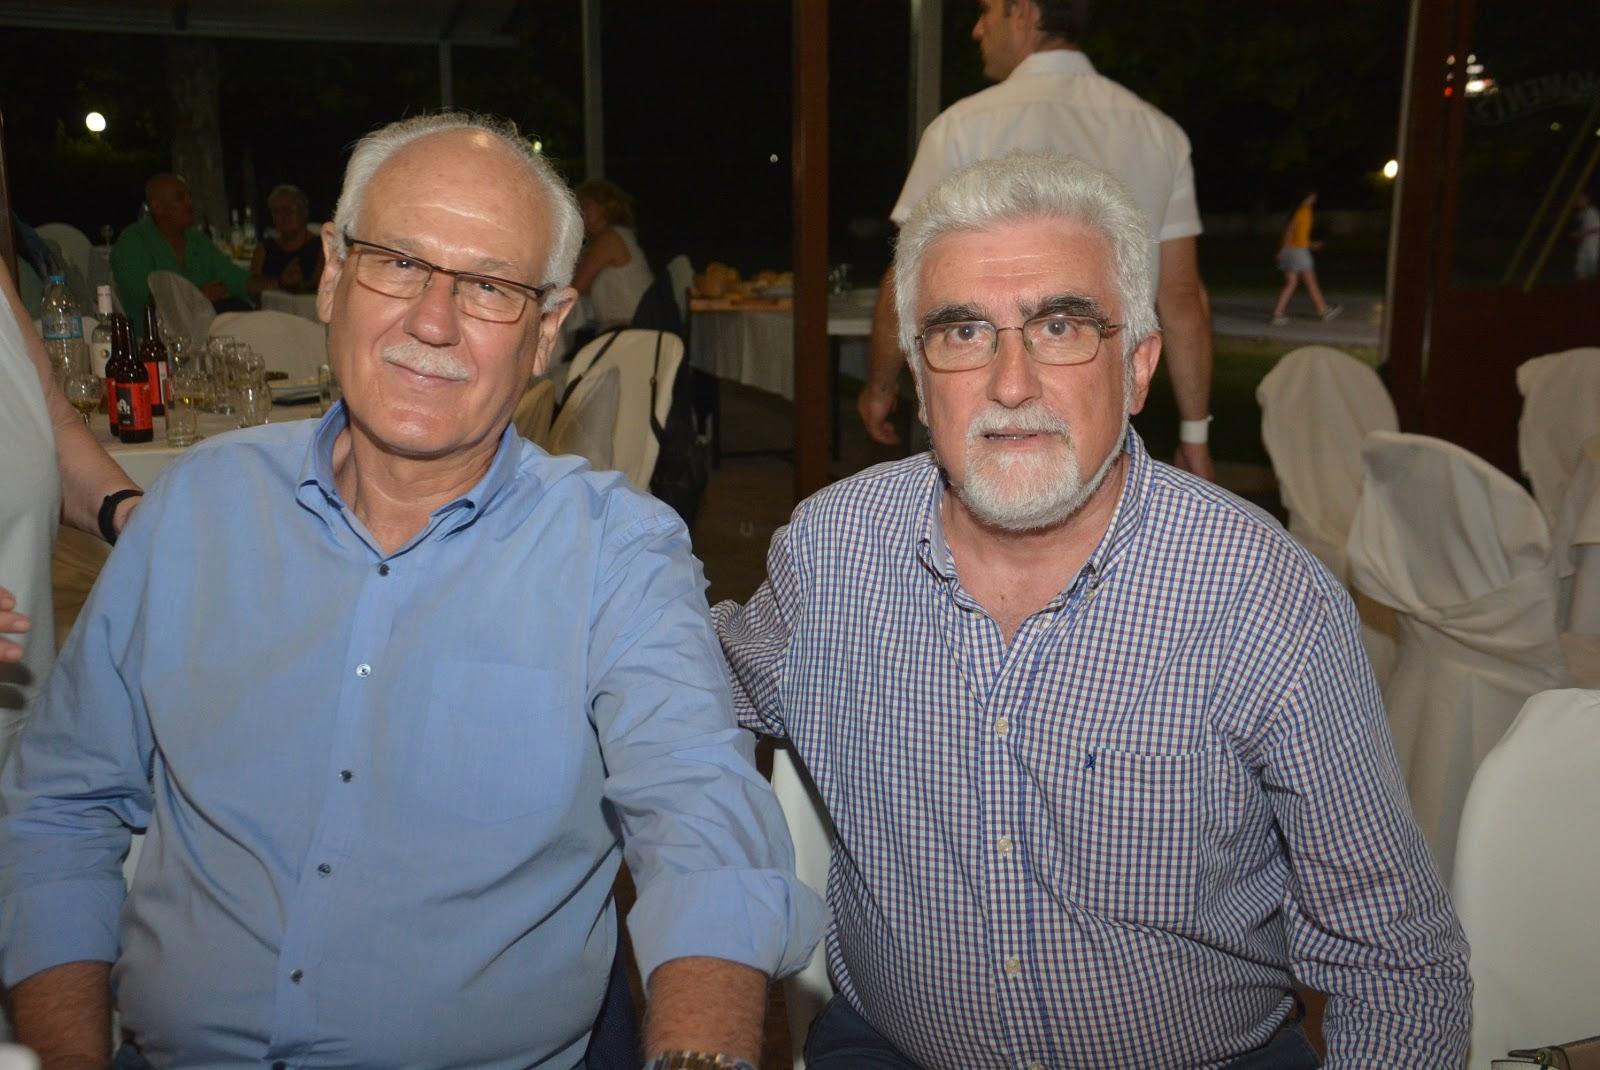 Γιόρτασαν την νίκη της «Συμπαράταξης Λαρισαίων» (ΦΩΤΟ)